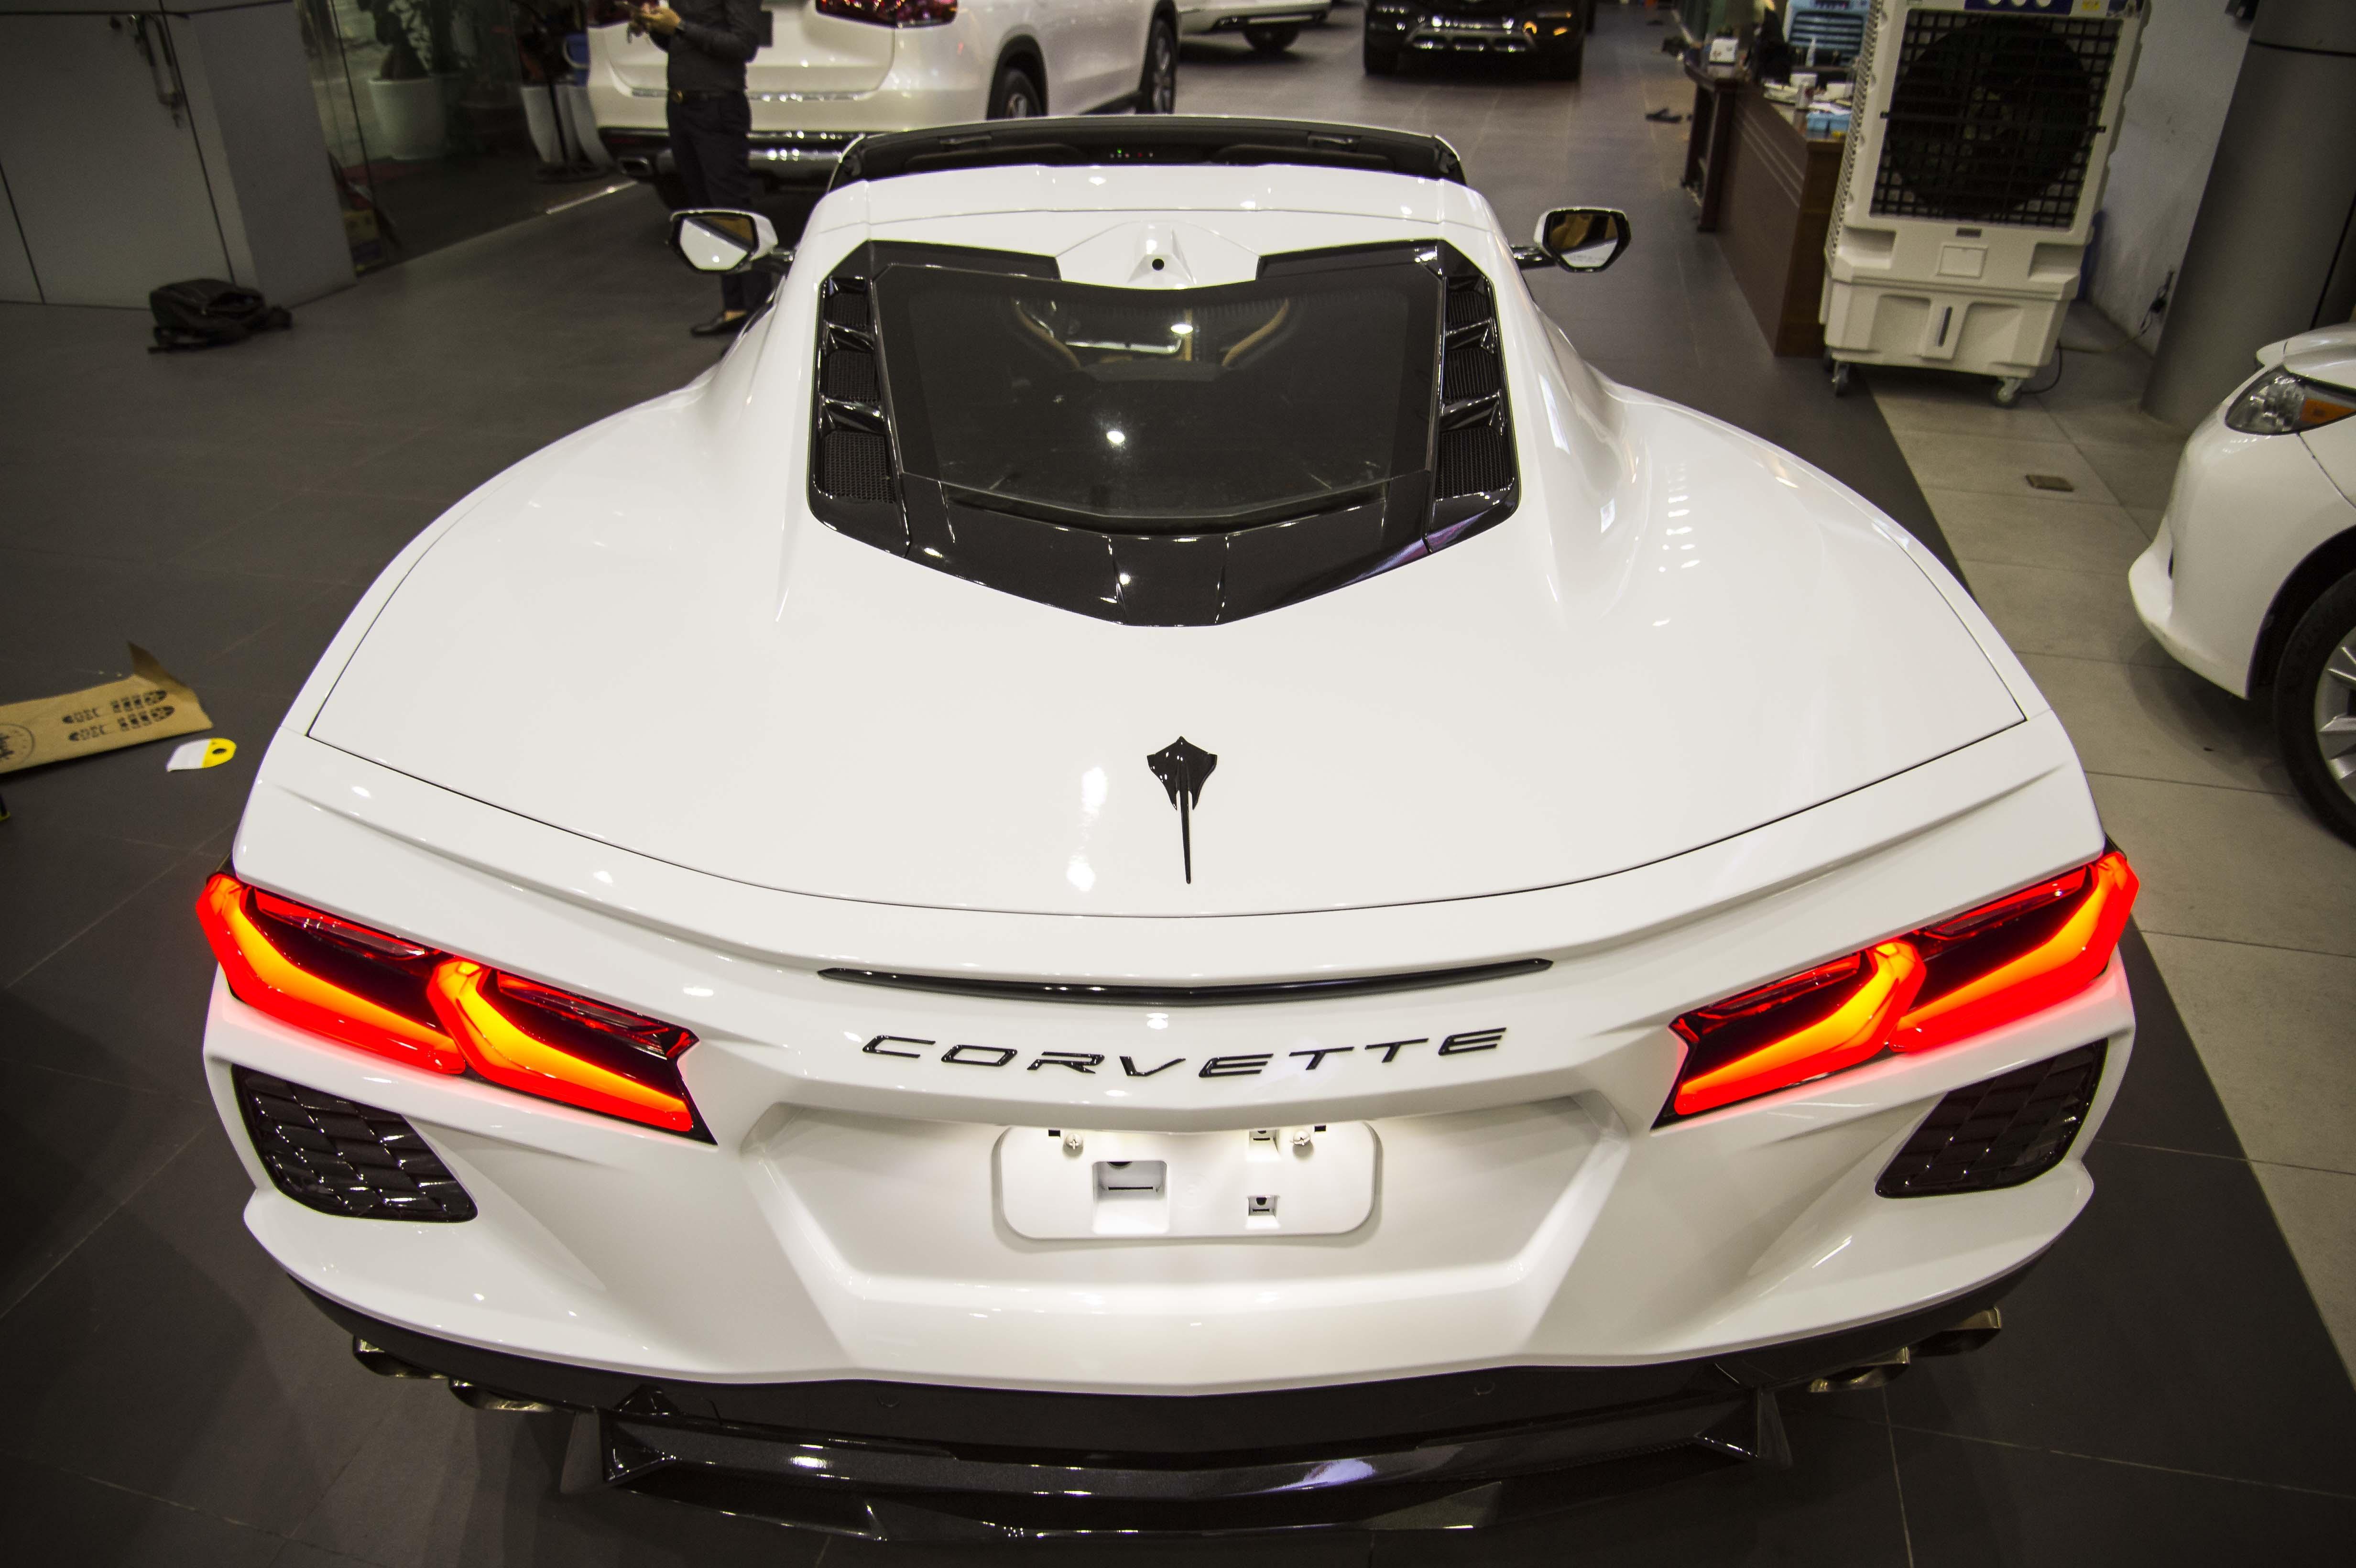 Chi tiet Chevrolet Corvette C8 dau tien tai Viet Nam anh 39